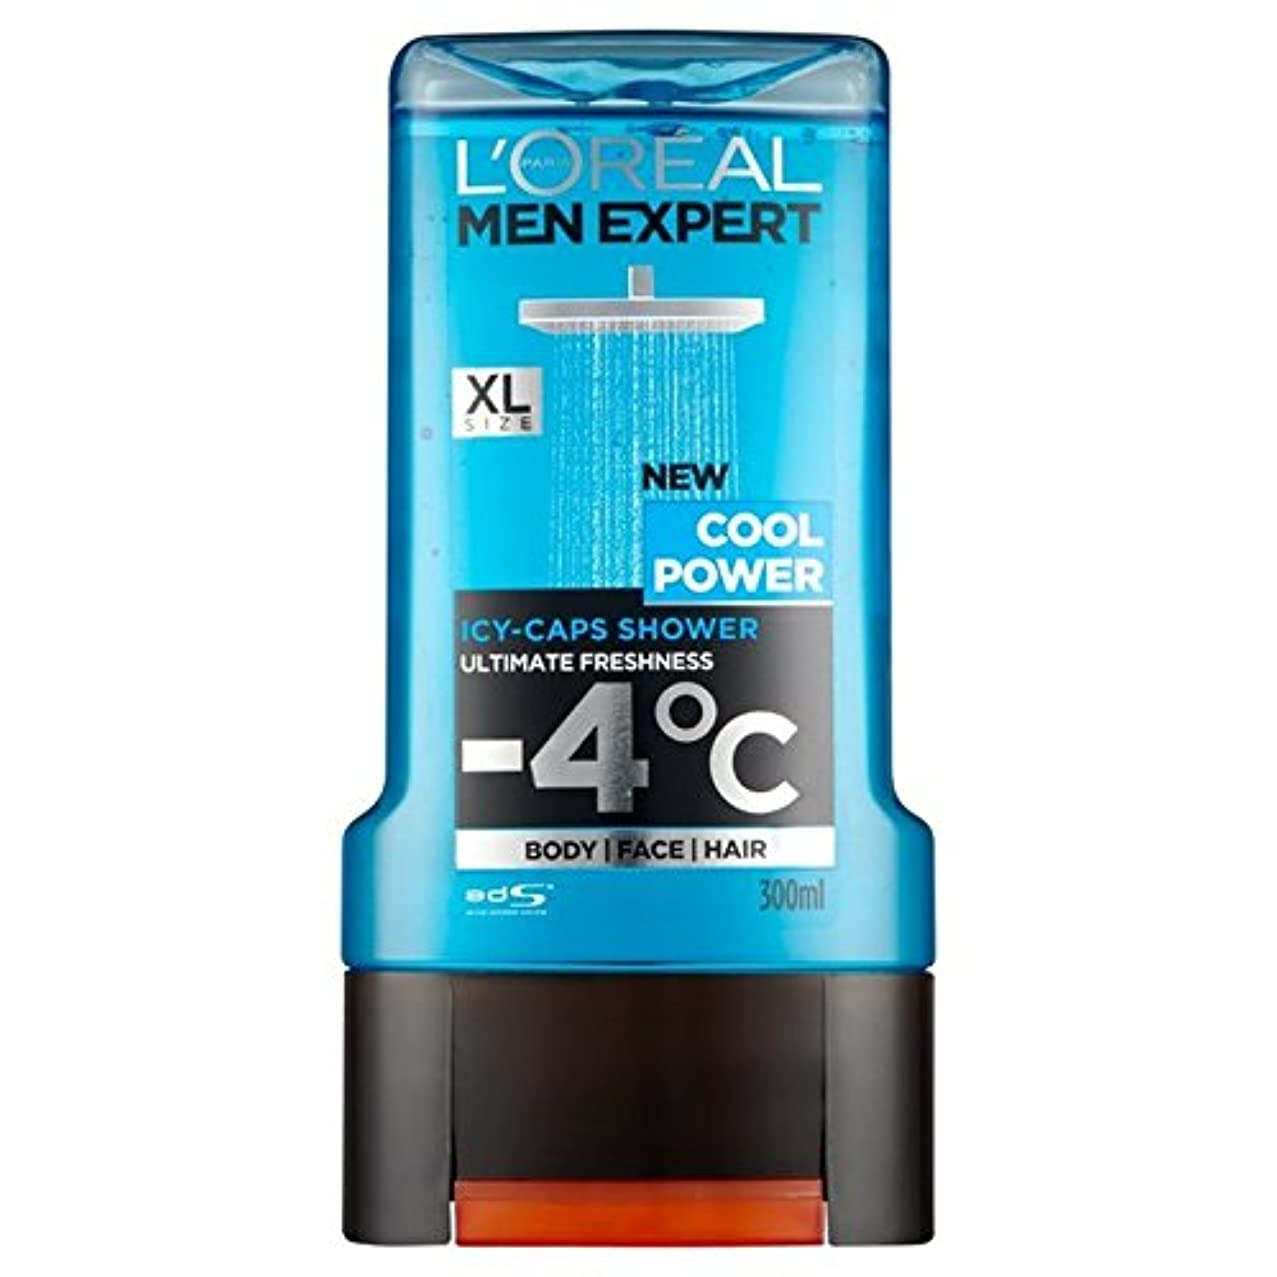 全体にサポート非常に怒っていますL'Oreal Paris Men Expert Cool Power Shower Gel 300ml (Pack of 6) - ロレアルパリの男性の専門家のクールなパワーシャワージェル300ミリリットル x6 [並行輸入品]